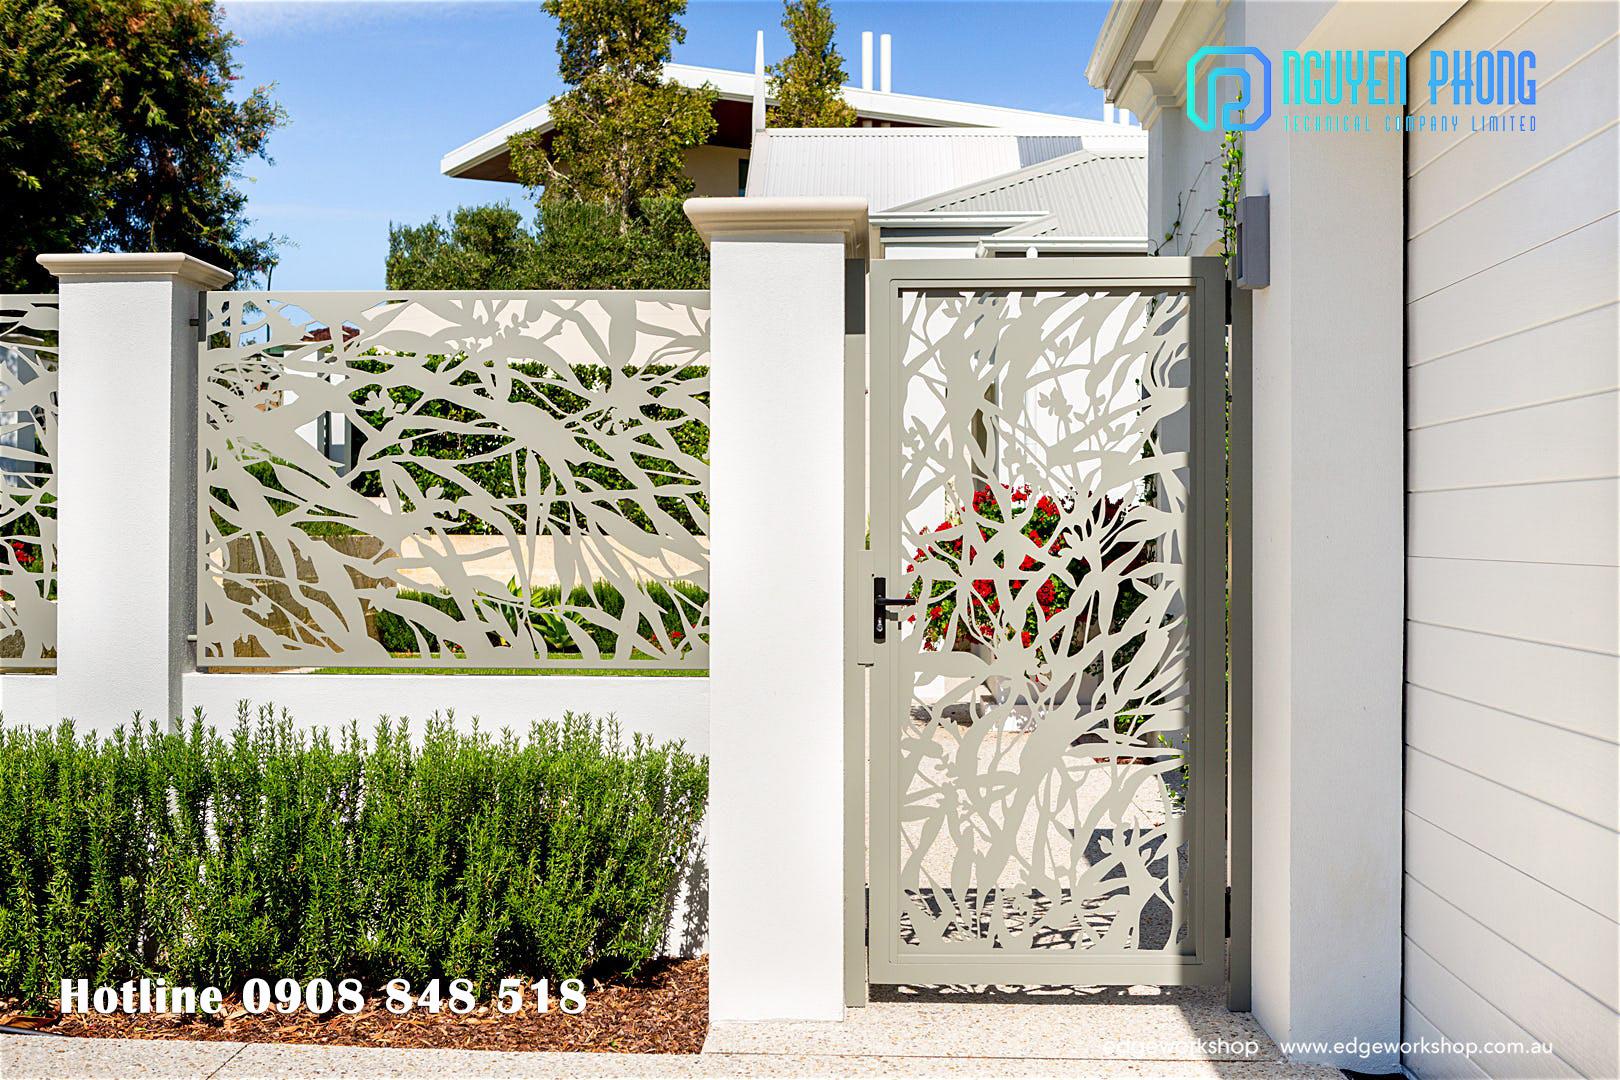 Hàng rào sắt hoa văn tinh tế cắt CNC, hàng rào sắt uốn cổ điển cho nhà đẹp 2021